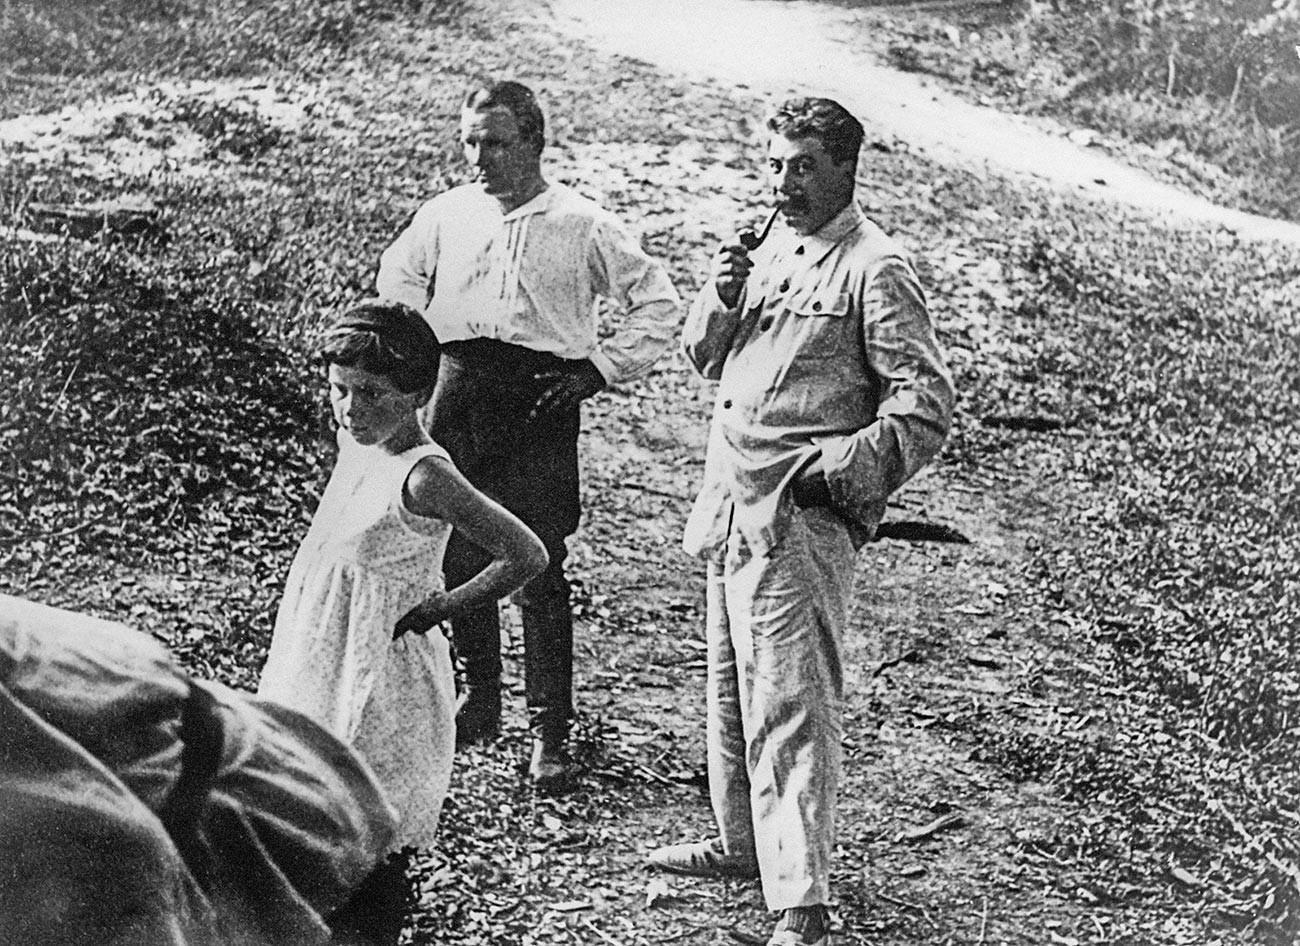 Јосиф Висарионович Стаљин, Сергеј Миронович Киров и Стаљинова ћерка Светлана Алилујева. 1930-е.